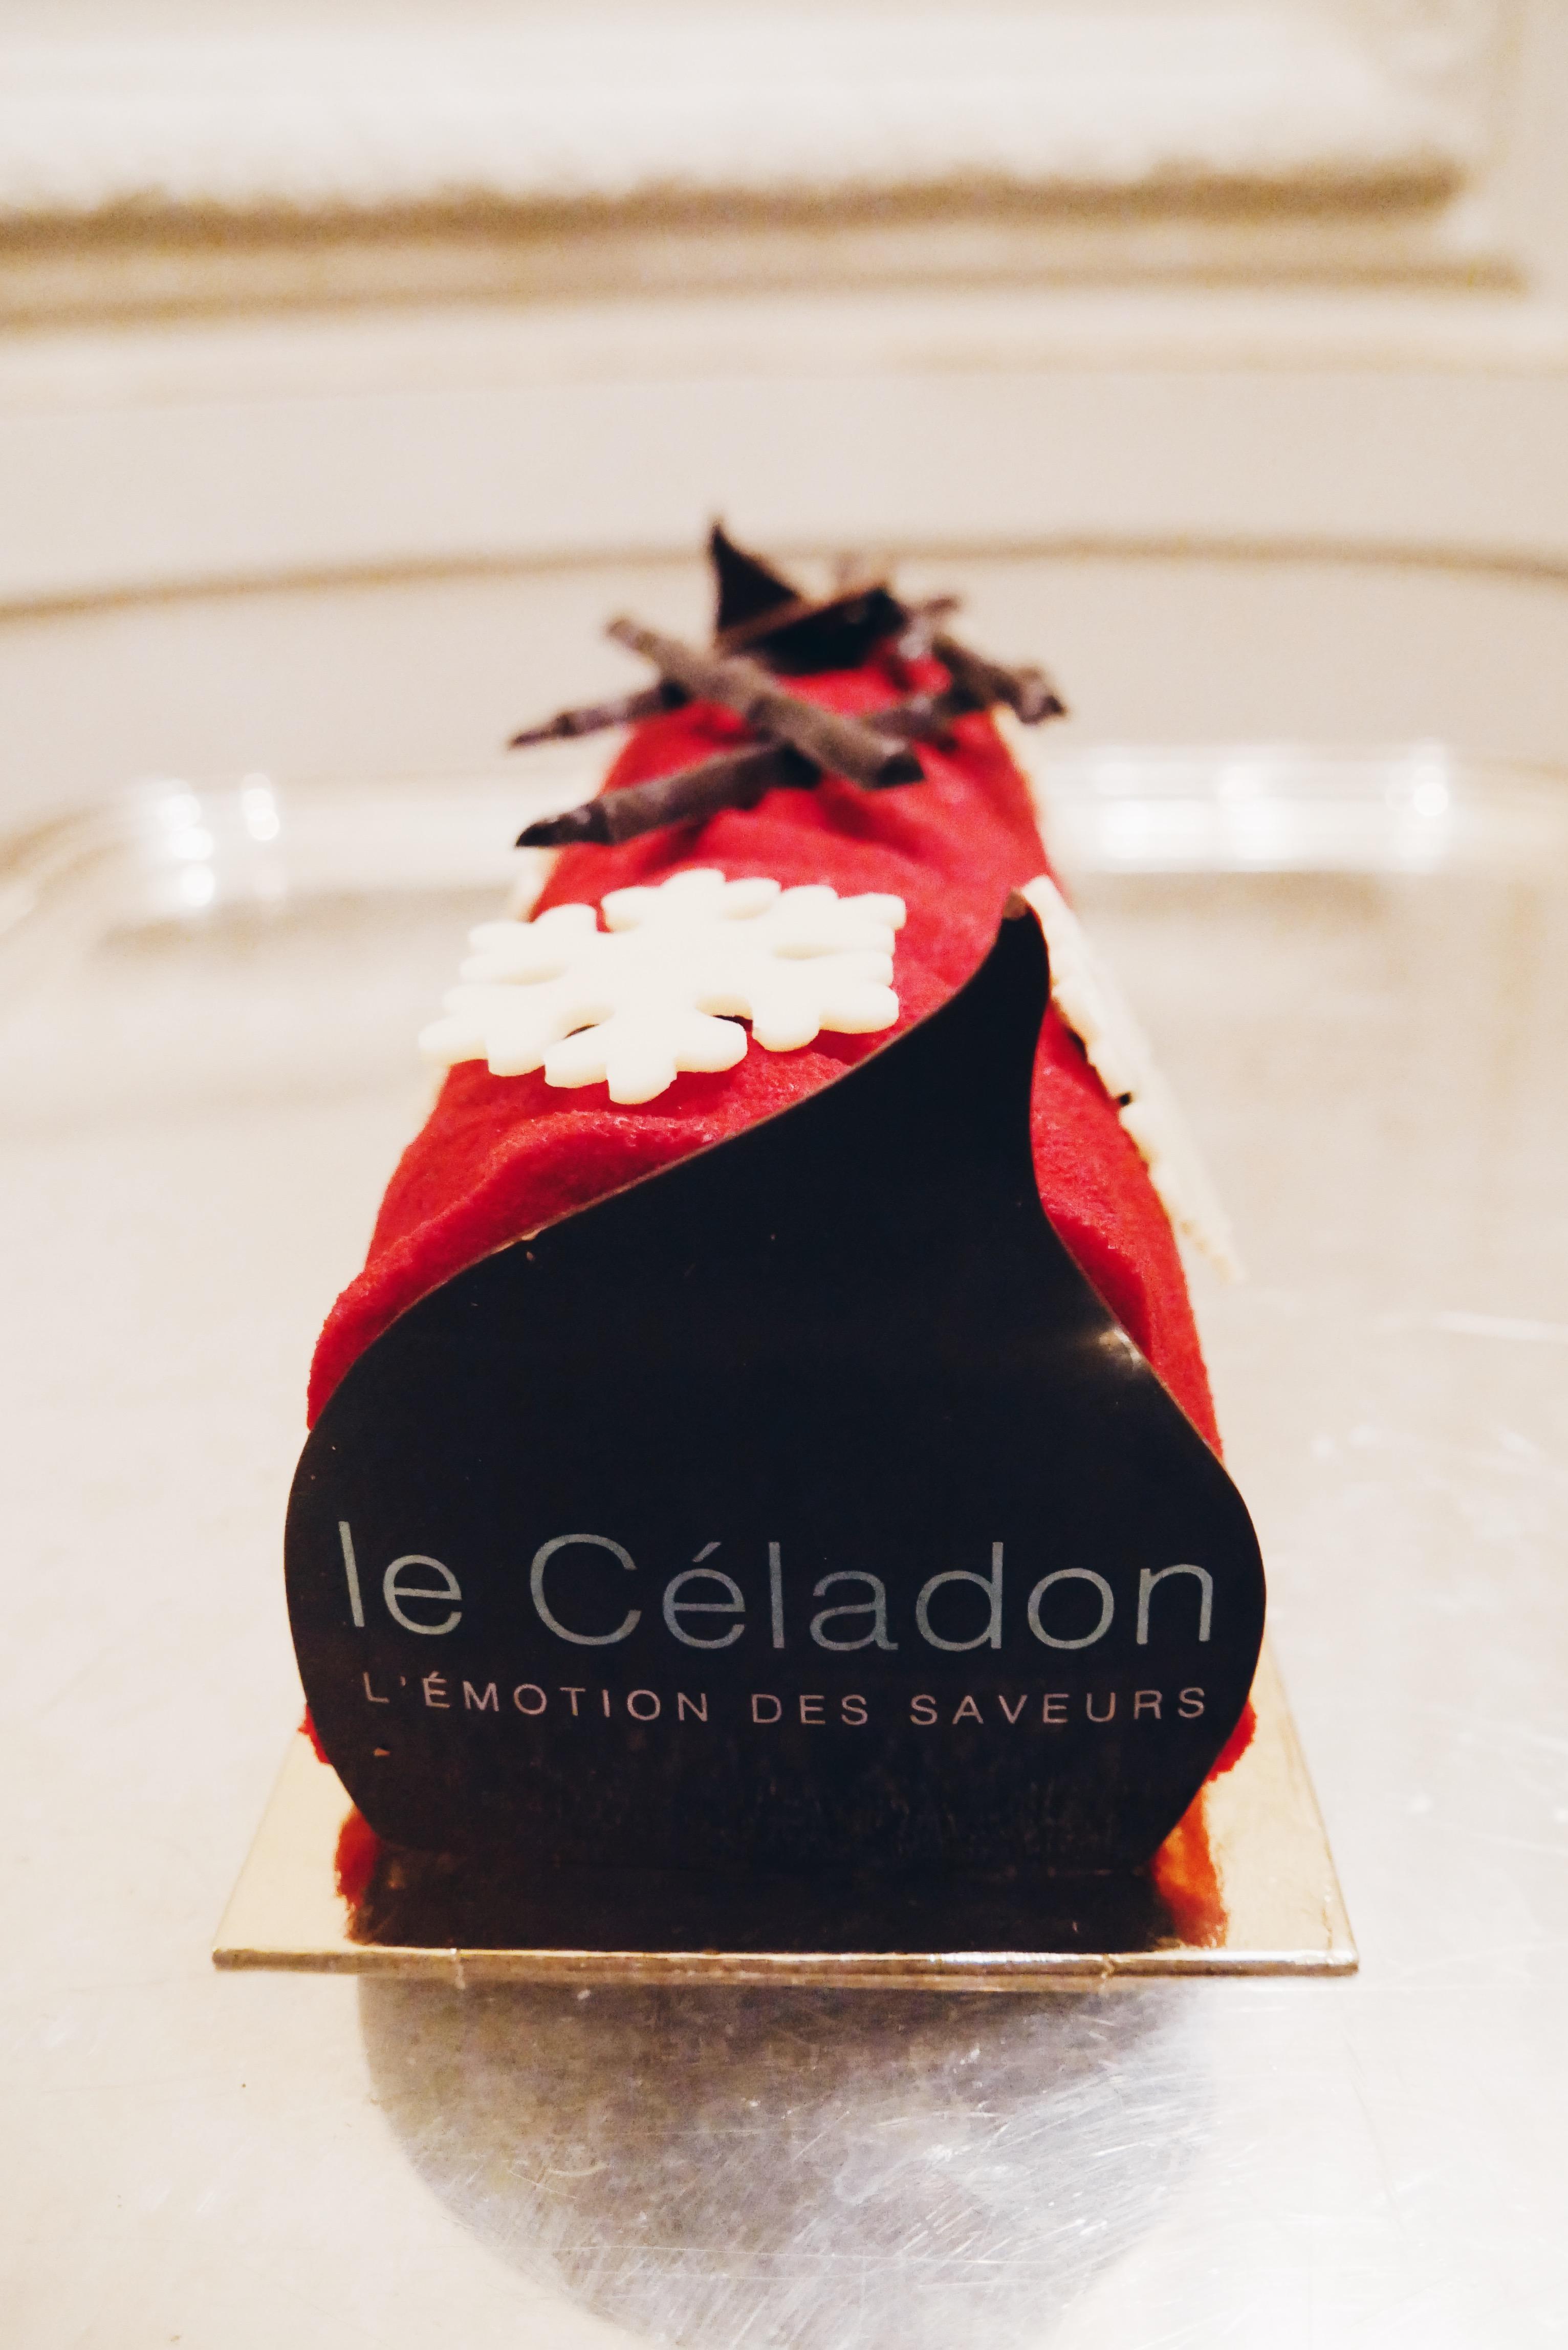 Bûche-de-noël-a-la-manière-des-treize-desserts-provence-Le-Céladon-Hôtel-Westminster-Paris-photo-usofparis-blog